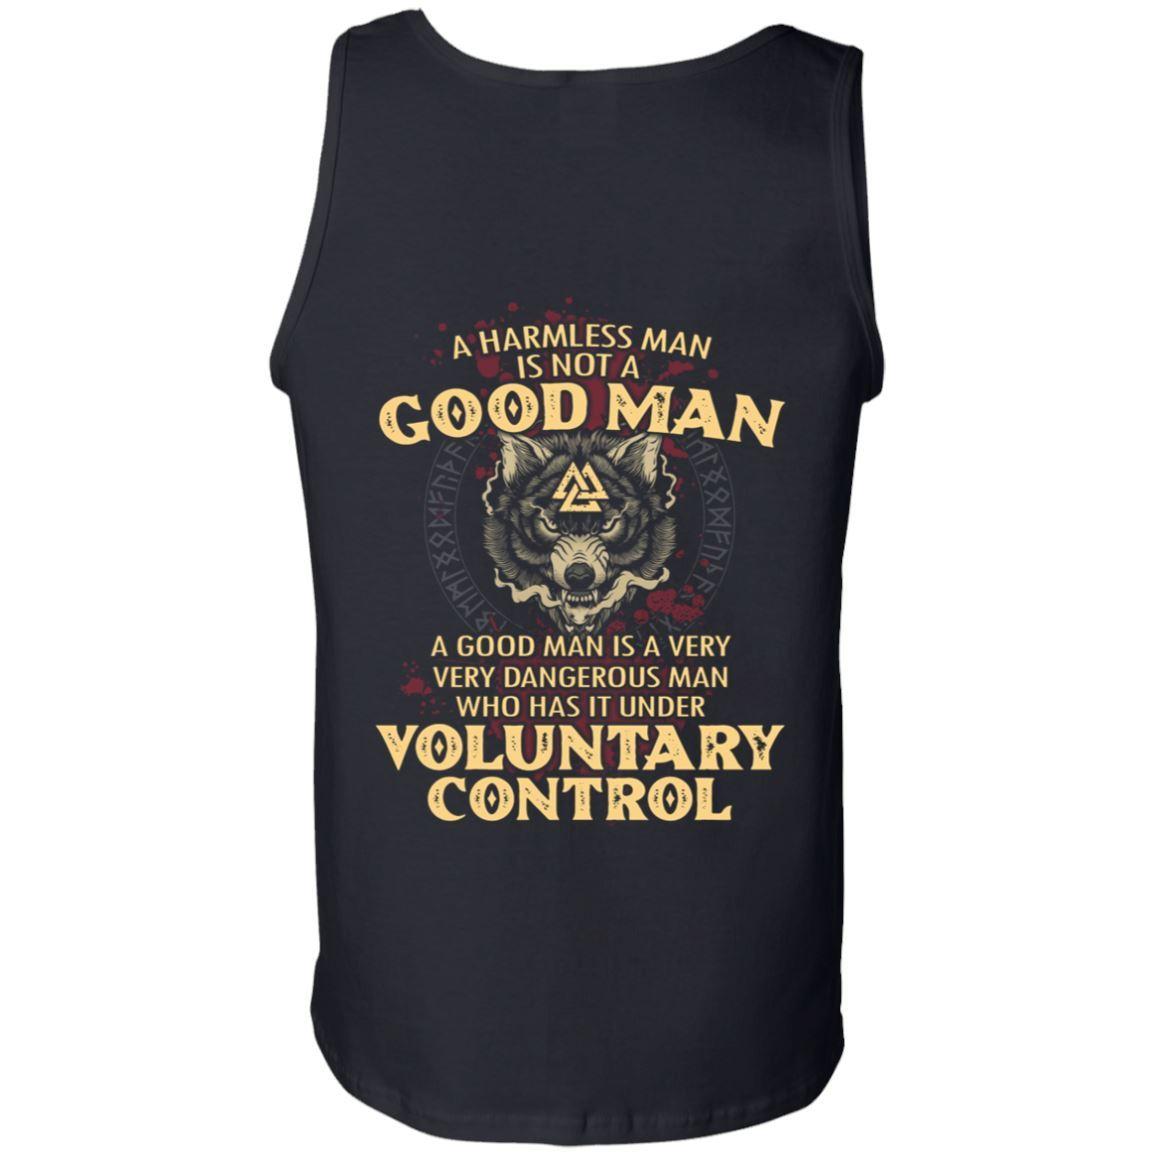 A harmless man is not a good man Shirt 10